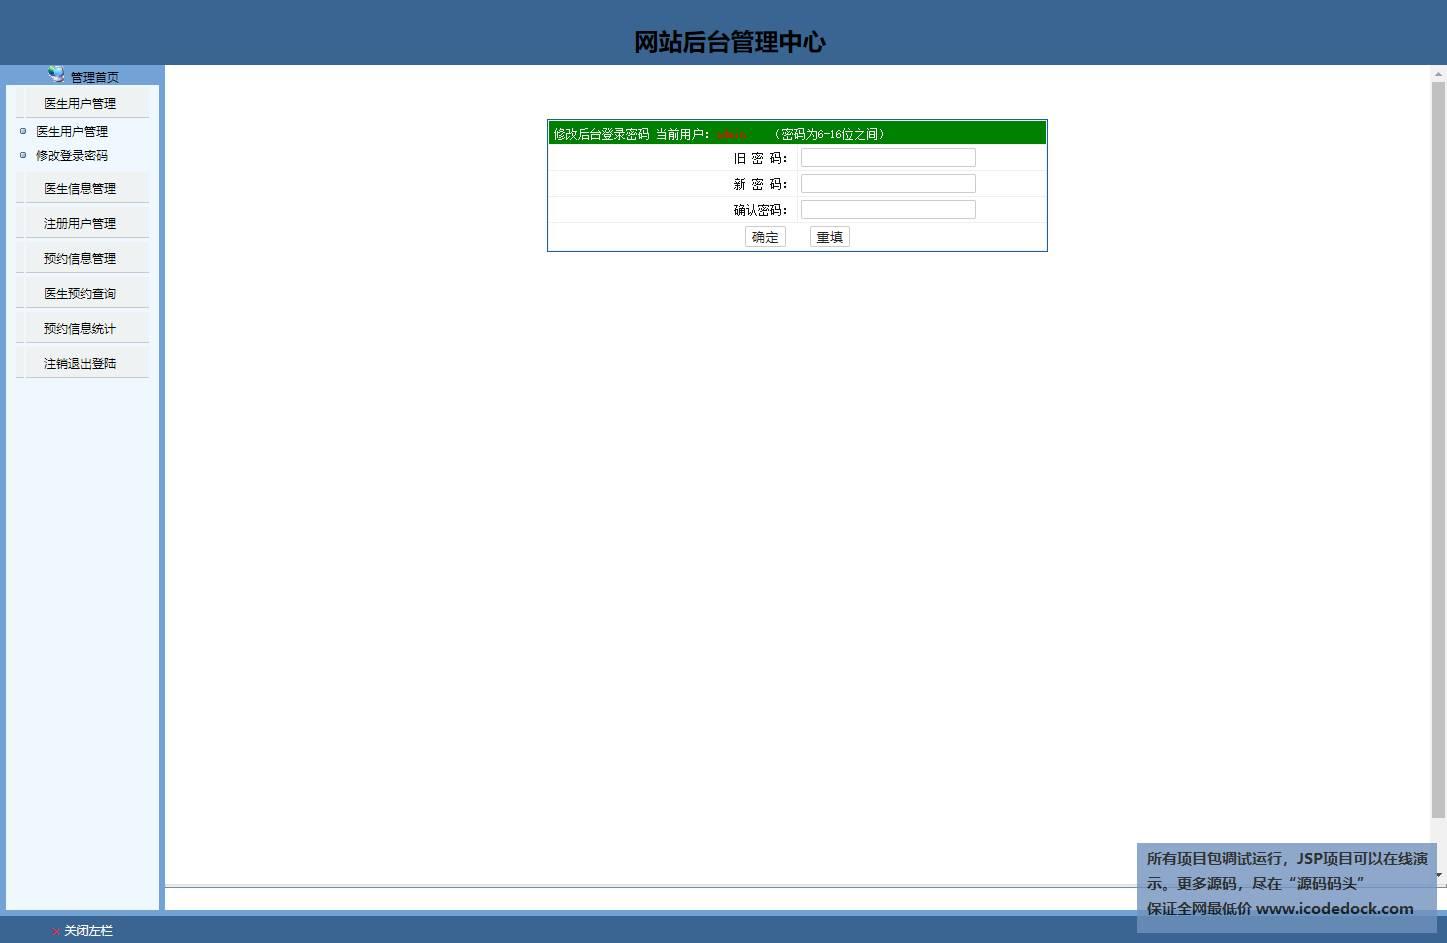 源码码头-JSP医院在线挂号管理系统-管理员角色-修改密码